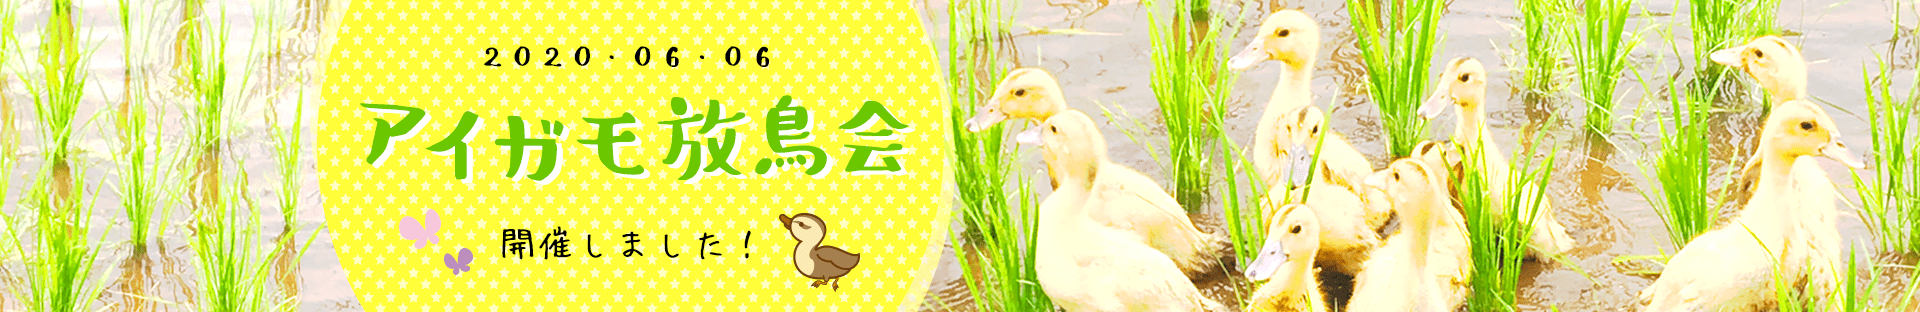 アイガモ放鳥会タイトル